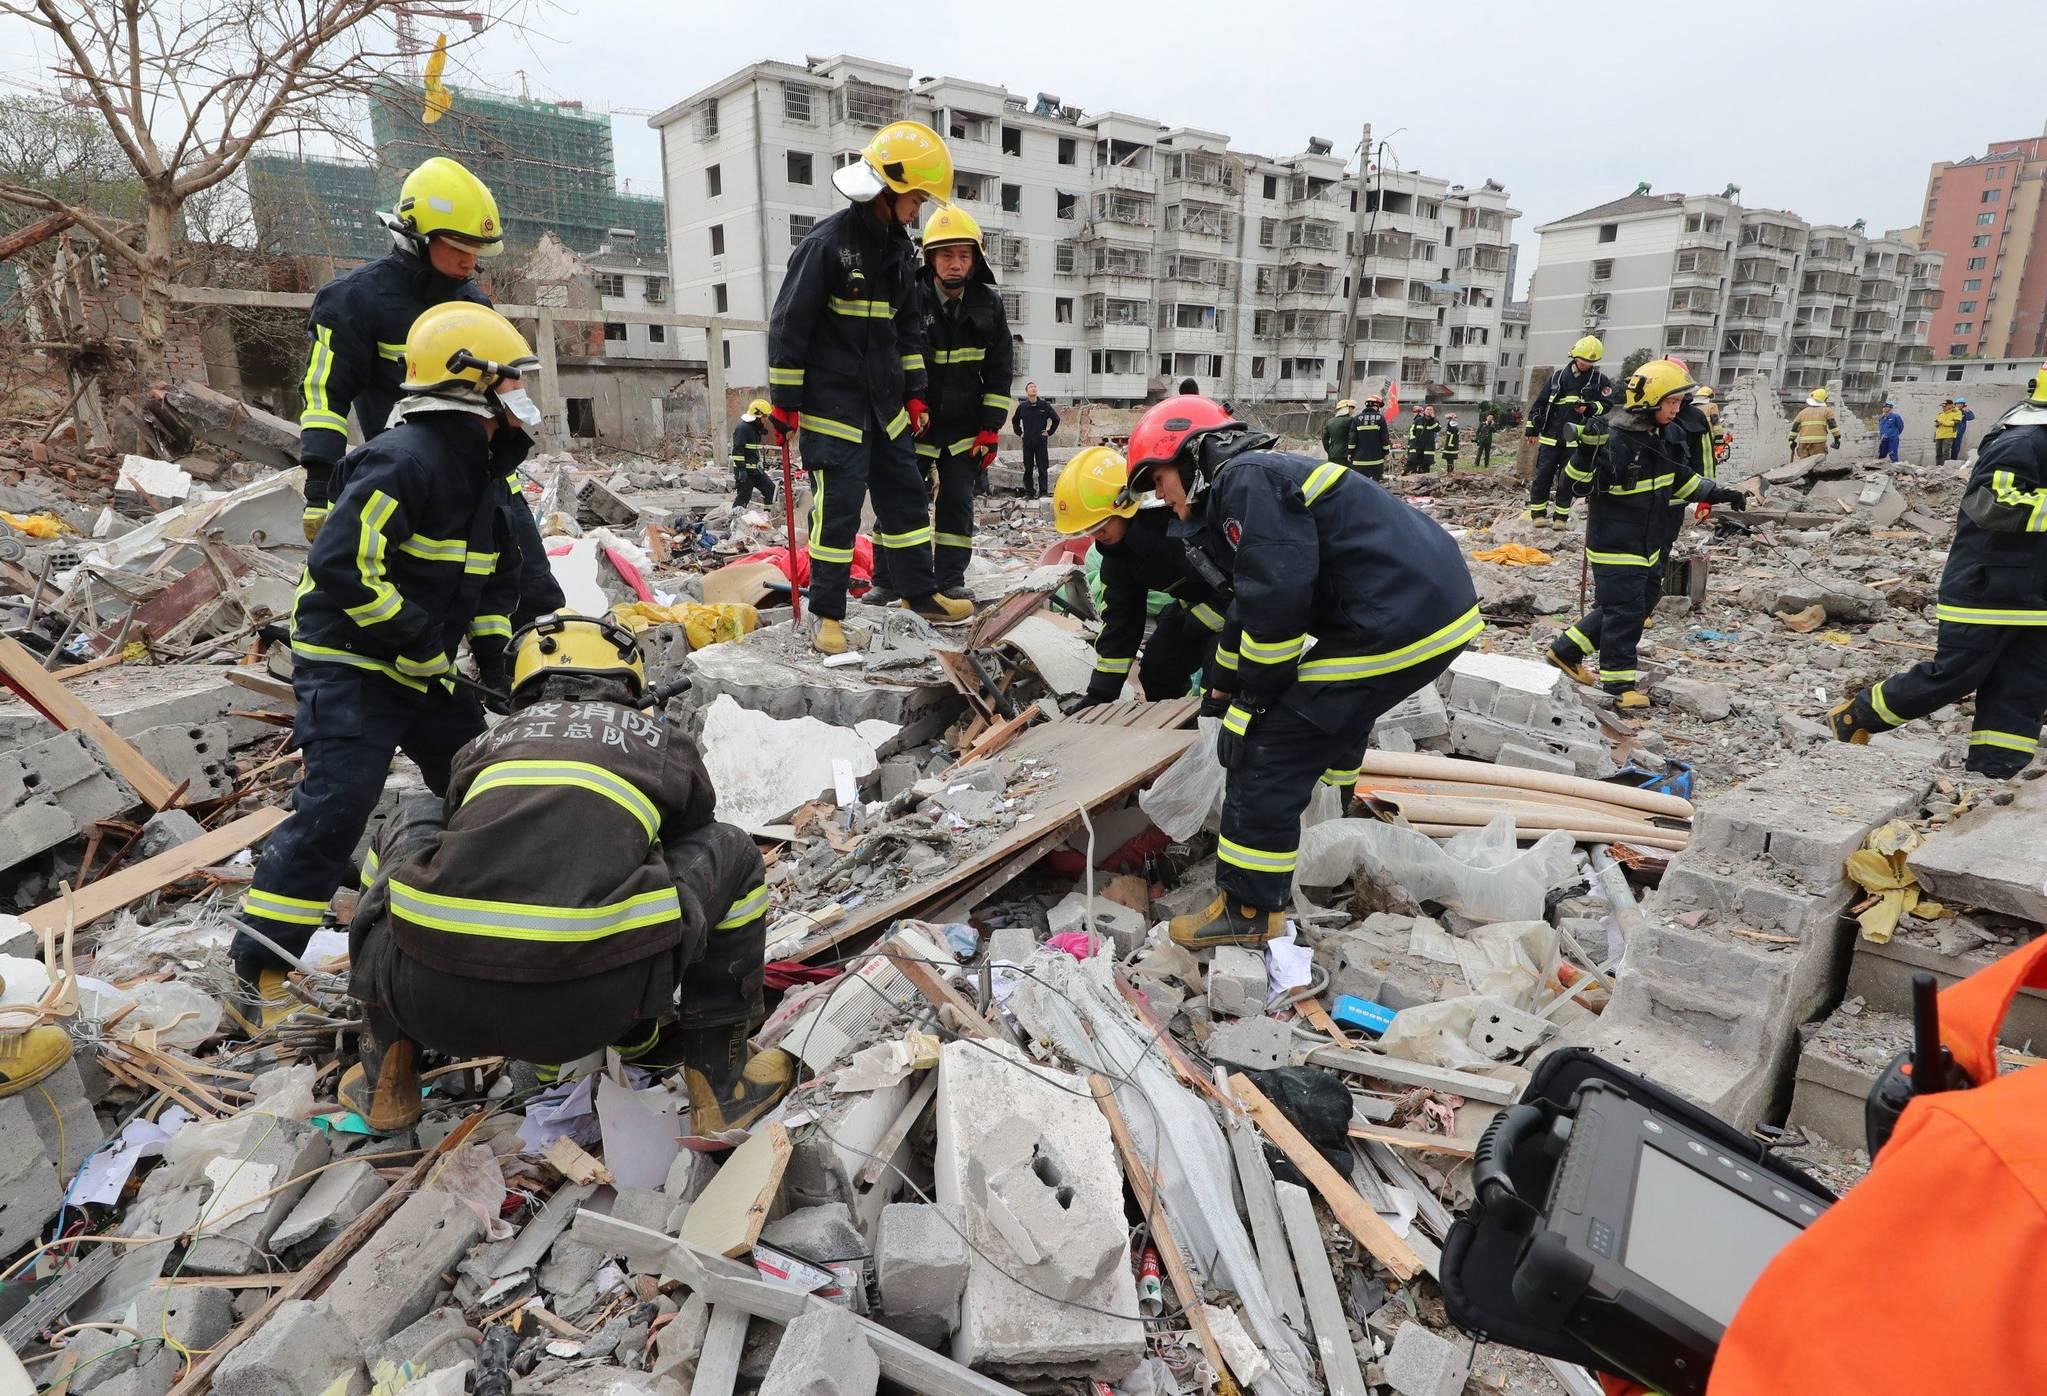 26일 중국 동부 저장성 닝보 폭발사고 현장에서 구조활동을 벌이고 있는 소방대원들. [AFP=연합뉴스]